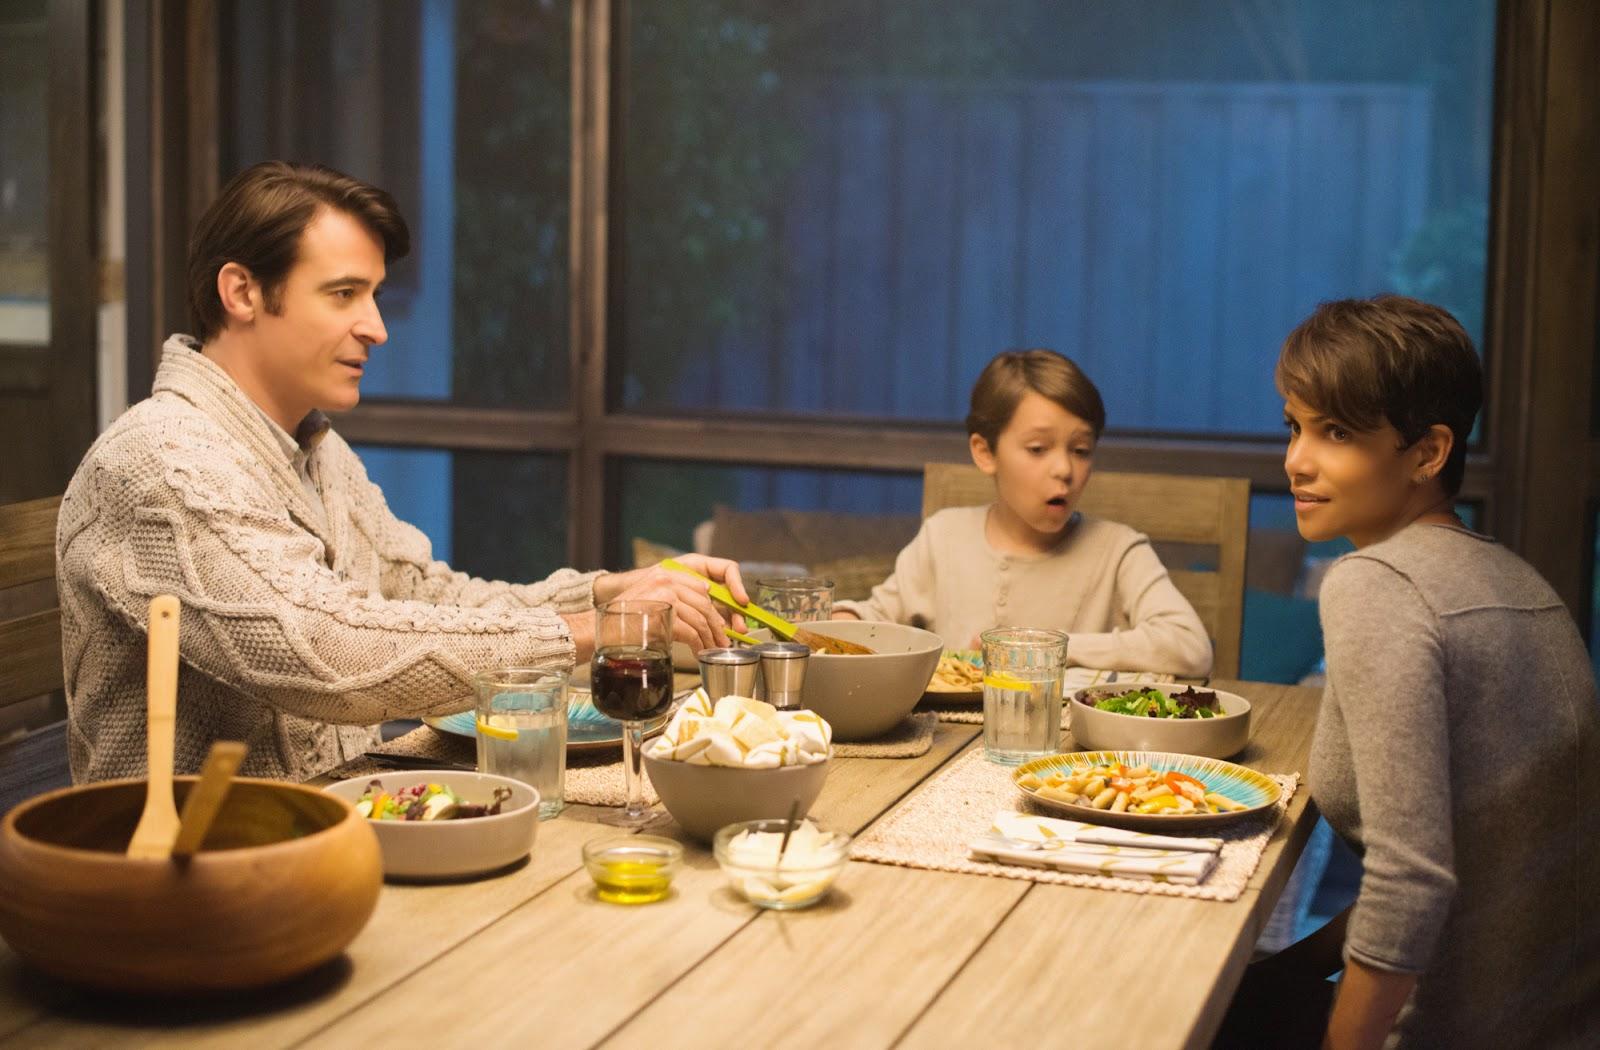 La familia de Molly, a la mesa, en el piloto de la serie